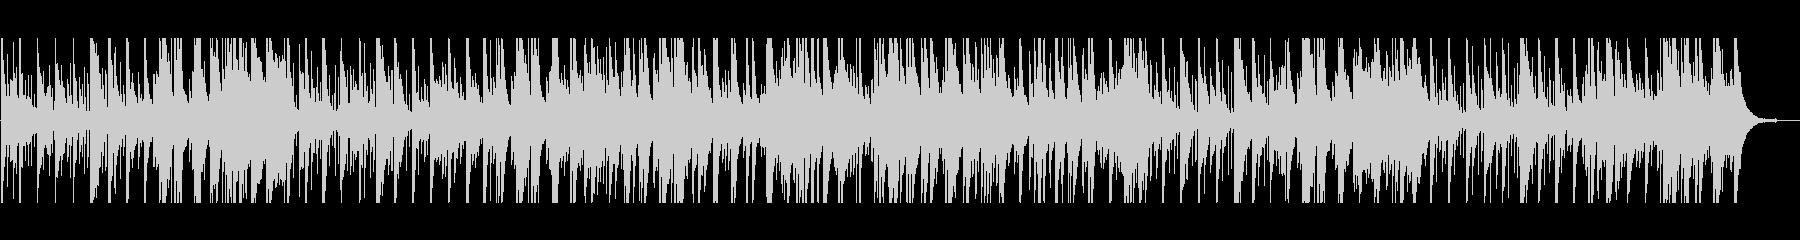 エレガントなジャズワルツの未再生の波形